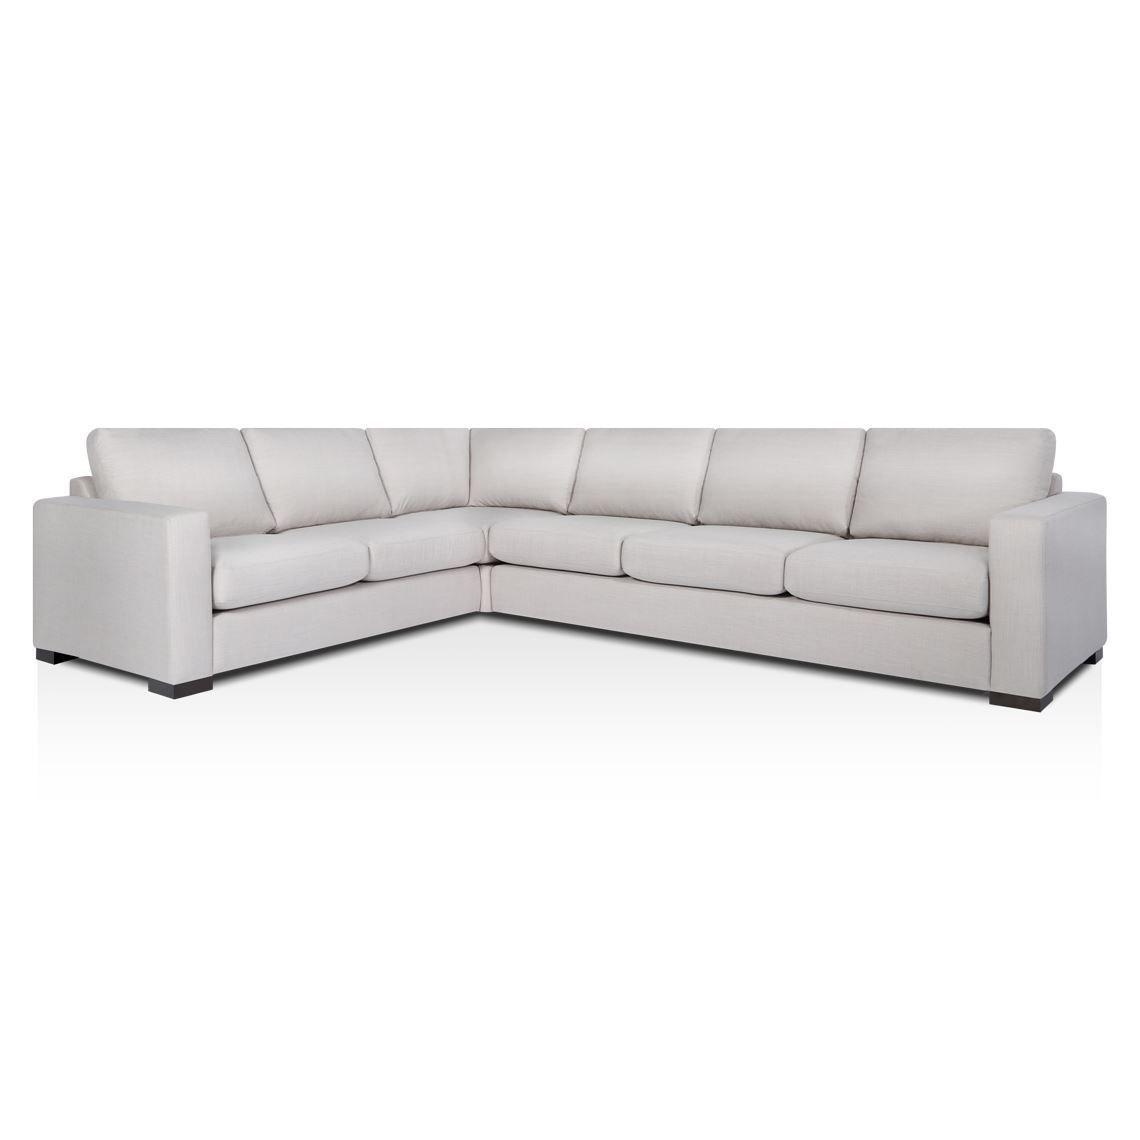 SIGNATURE CONTEMPORARY 6 Seat Fabric Corner Sofa With Left